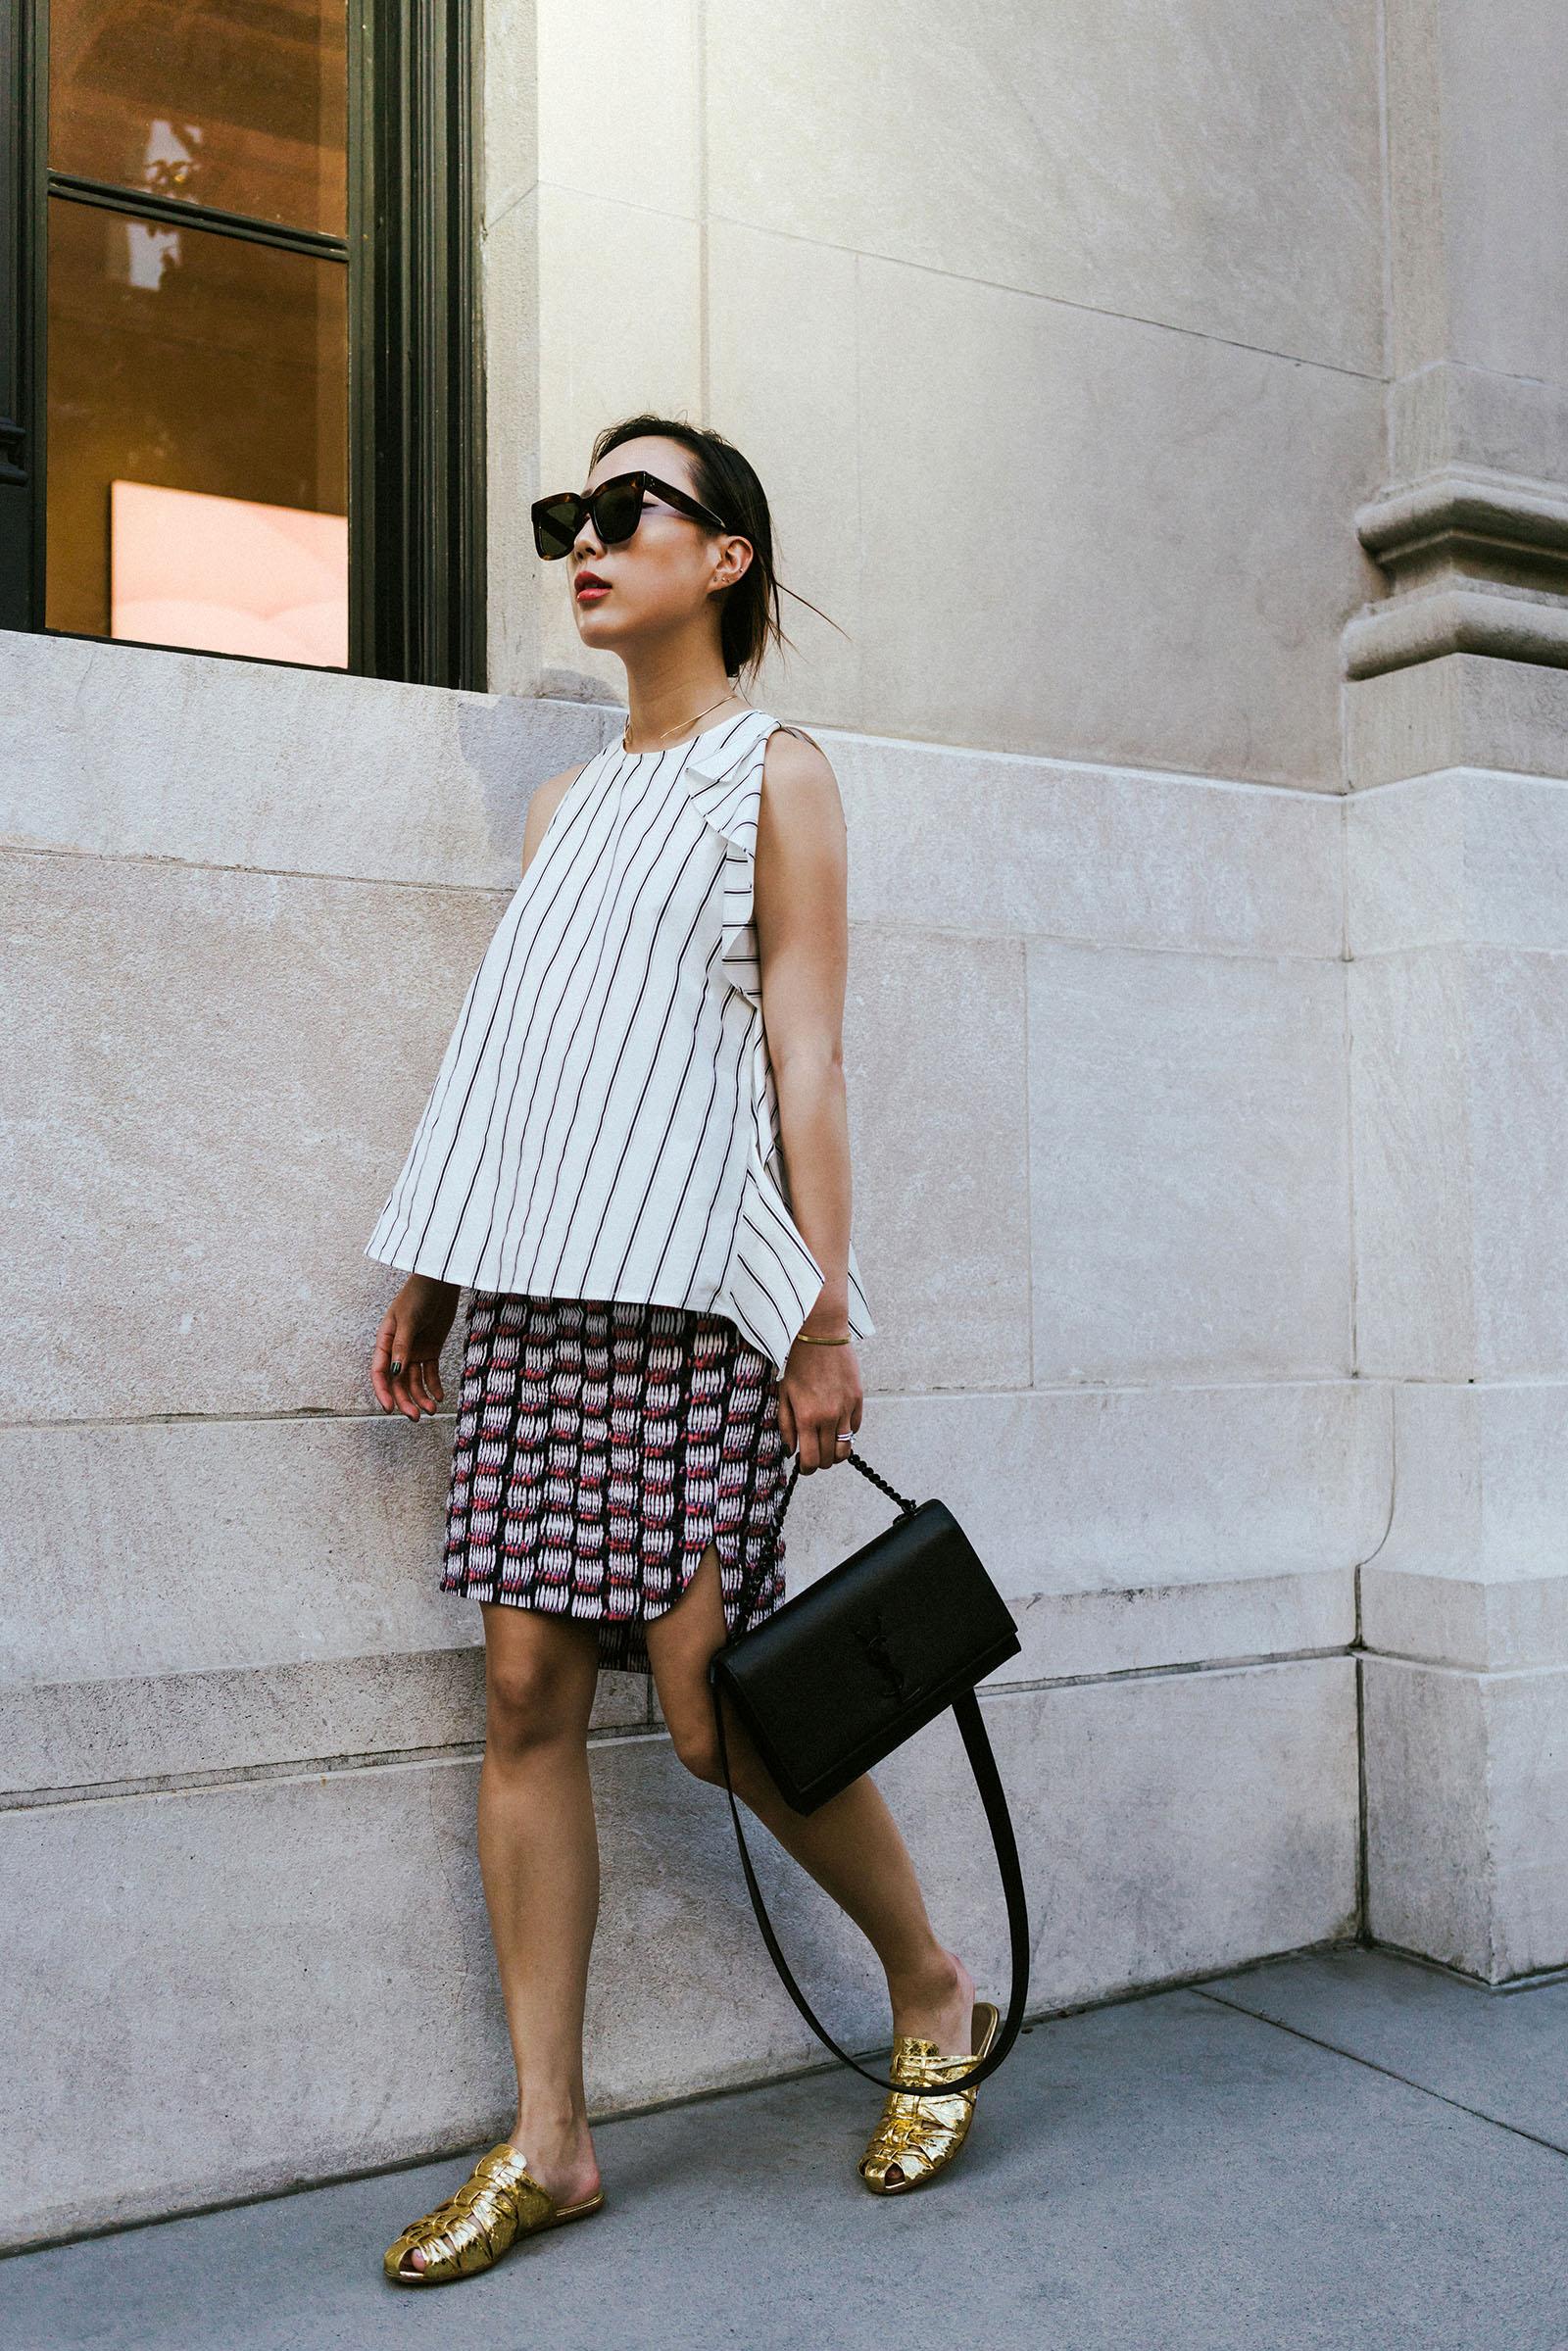 Yune Ho Top, COS Skirt,  The Row Shoes , Saint Laurent Bag, Céline Sunglasses